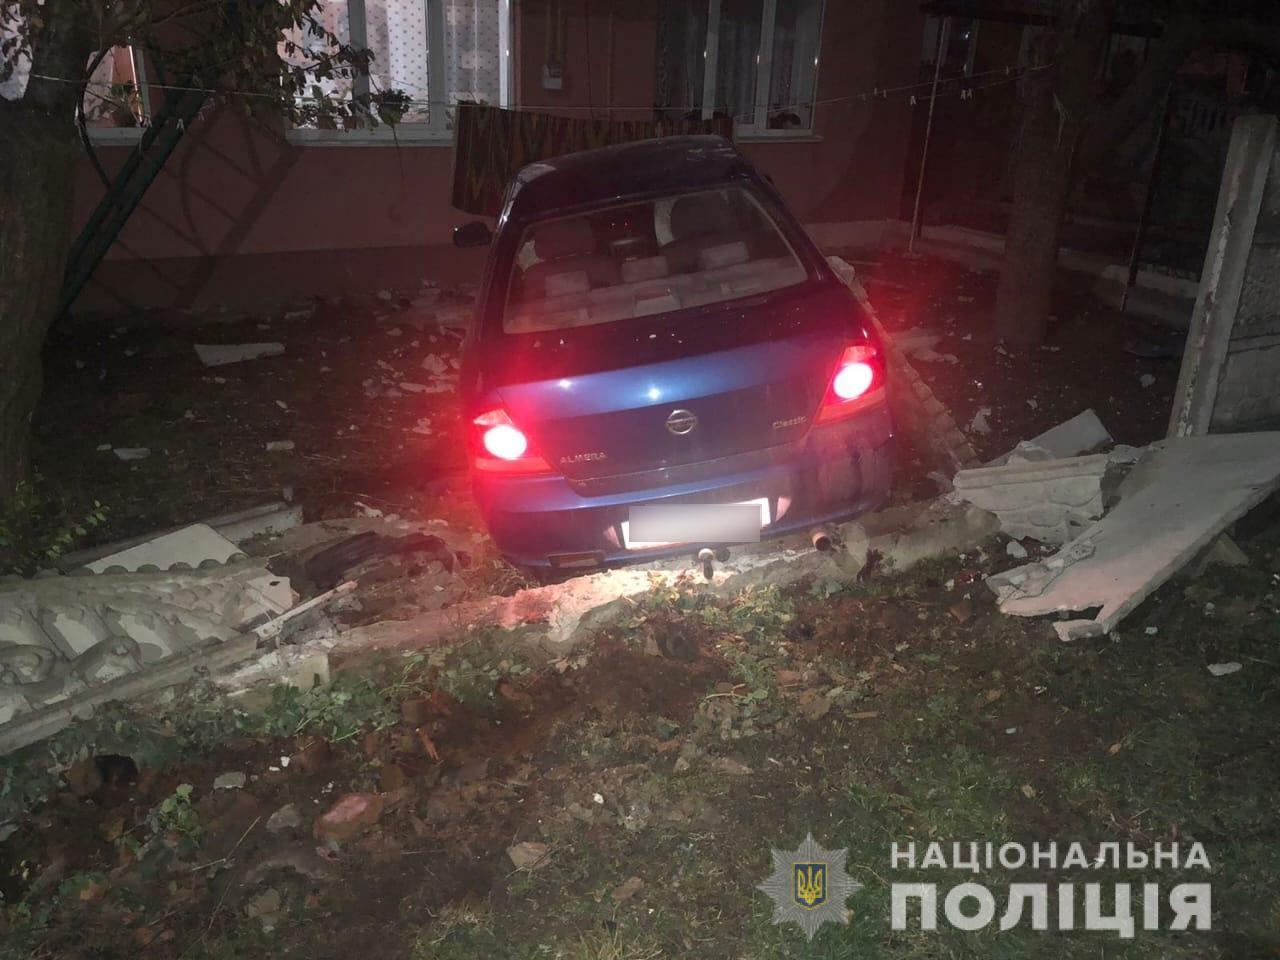 У Фастові затримали водія: він насмерть збив пішохода і втік - ДТП, алкоголь - dtpfast1